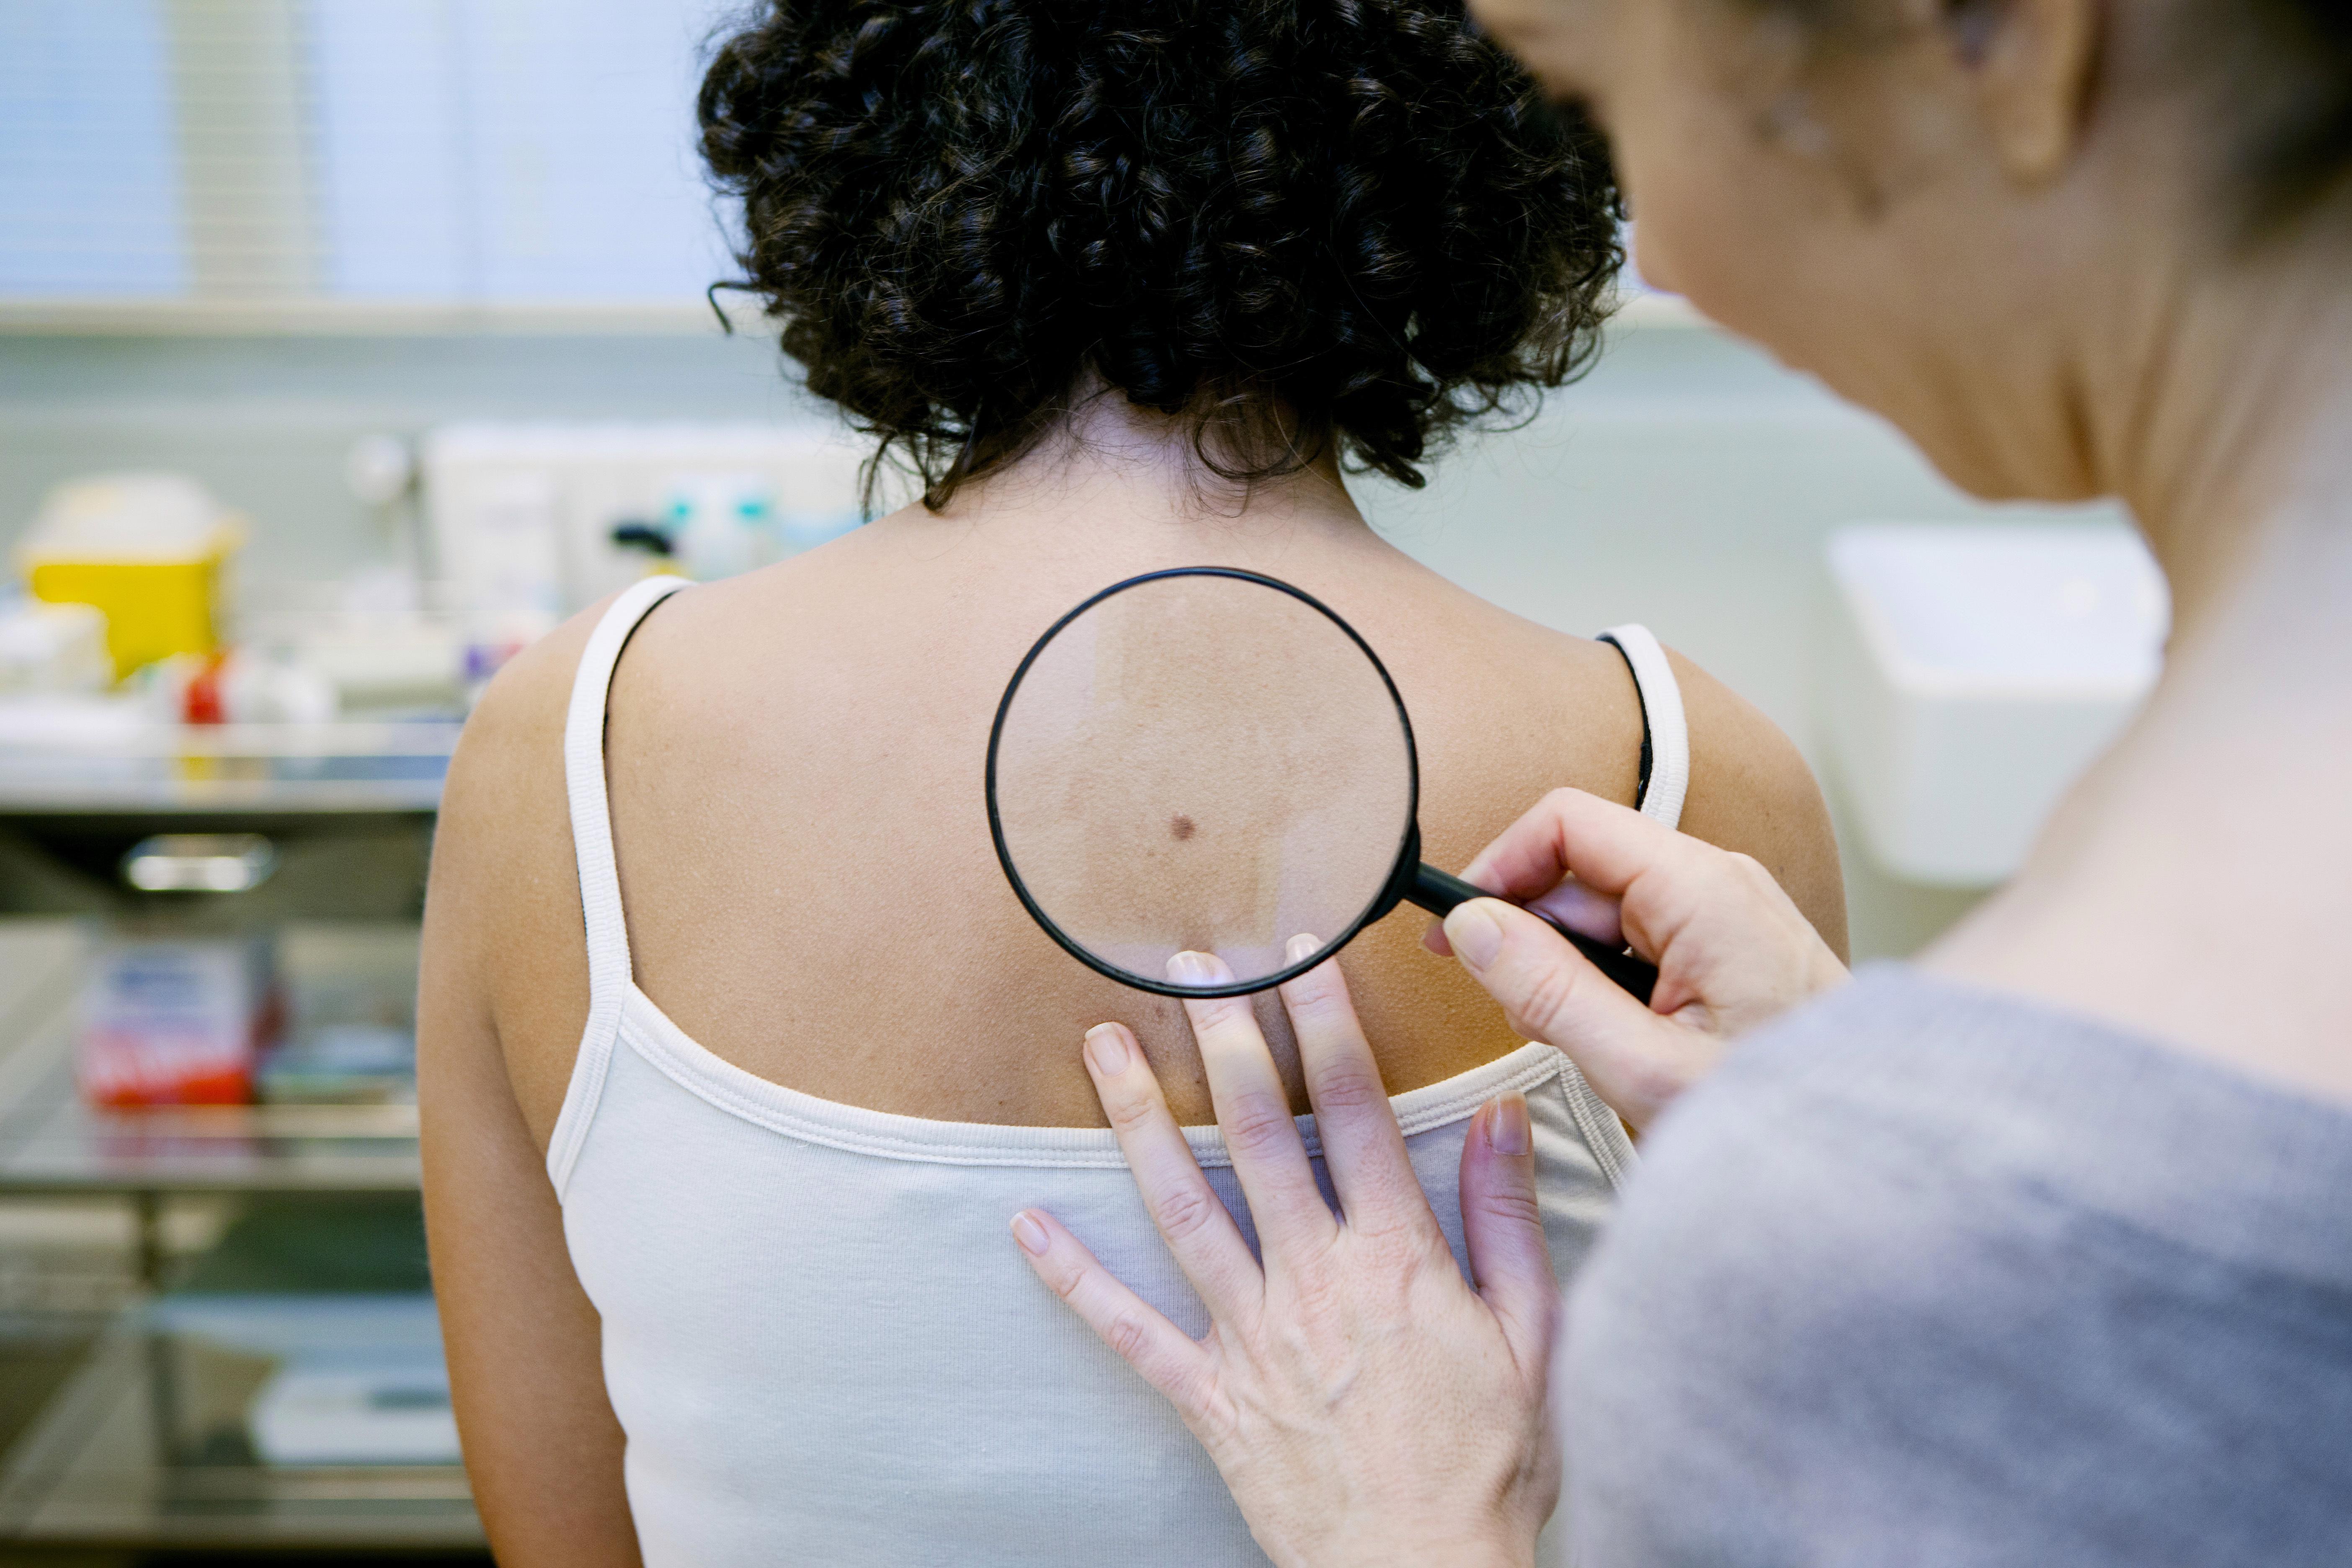 Bröstcancer och prostatacancer är fortfarande de vanligaste formerna av cancer men det är särskilt en cancerform som ökar snabbast.